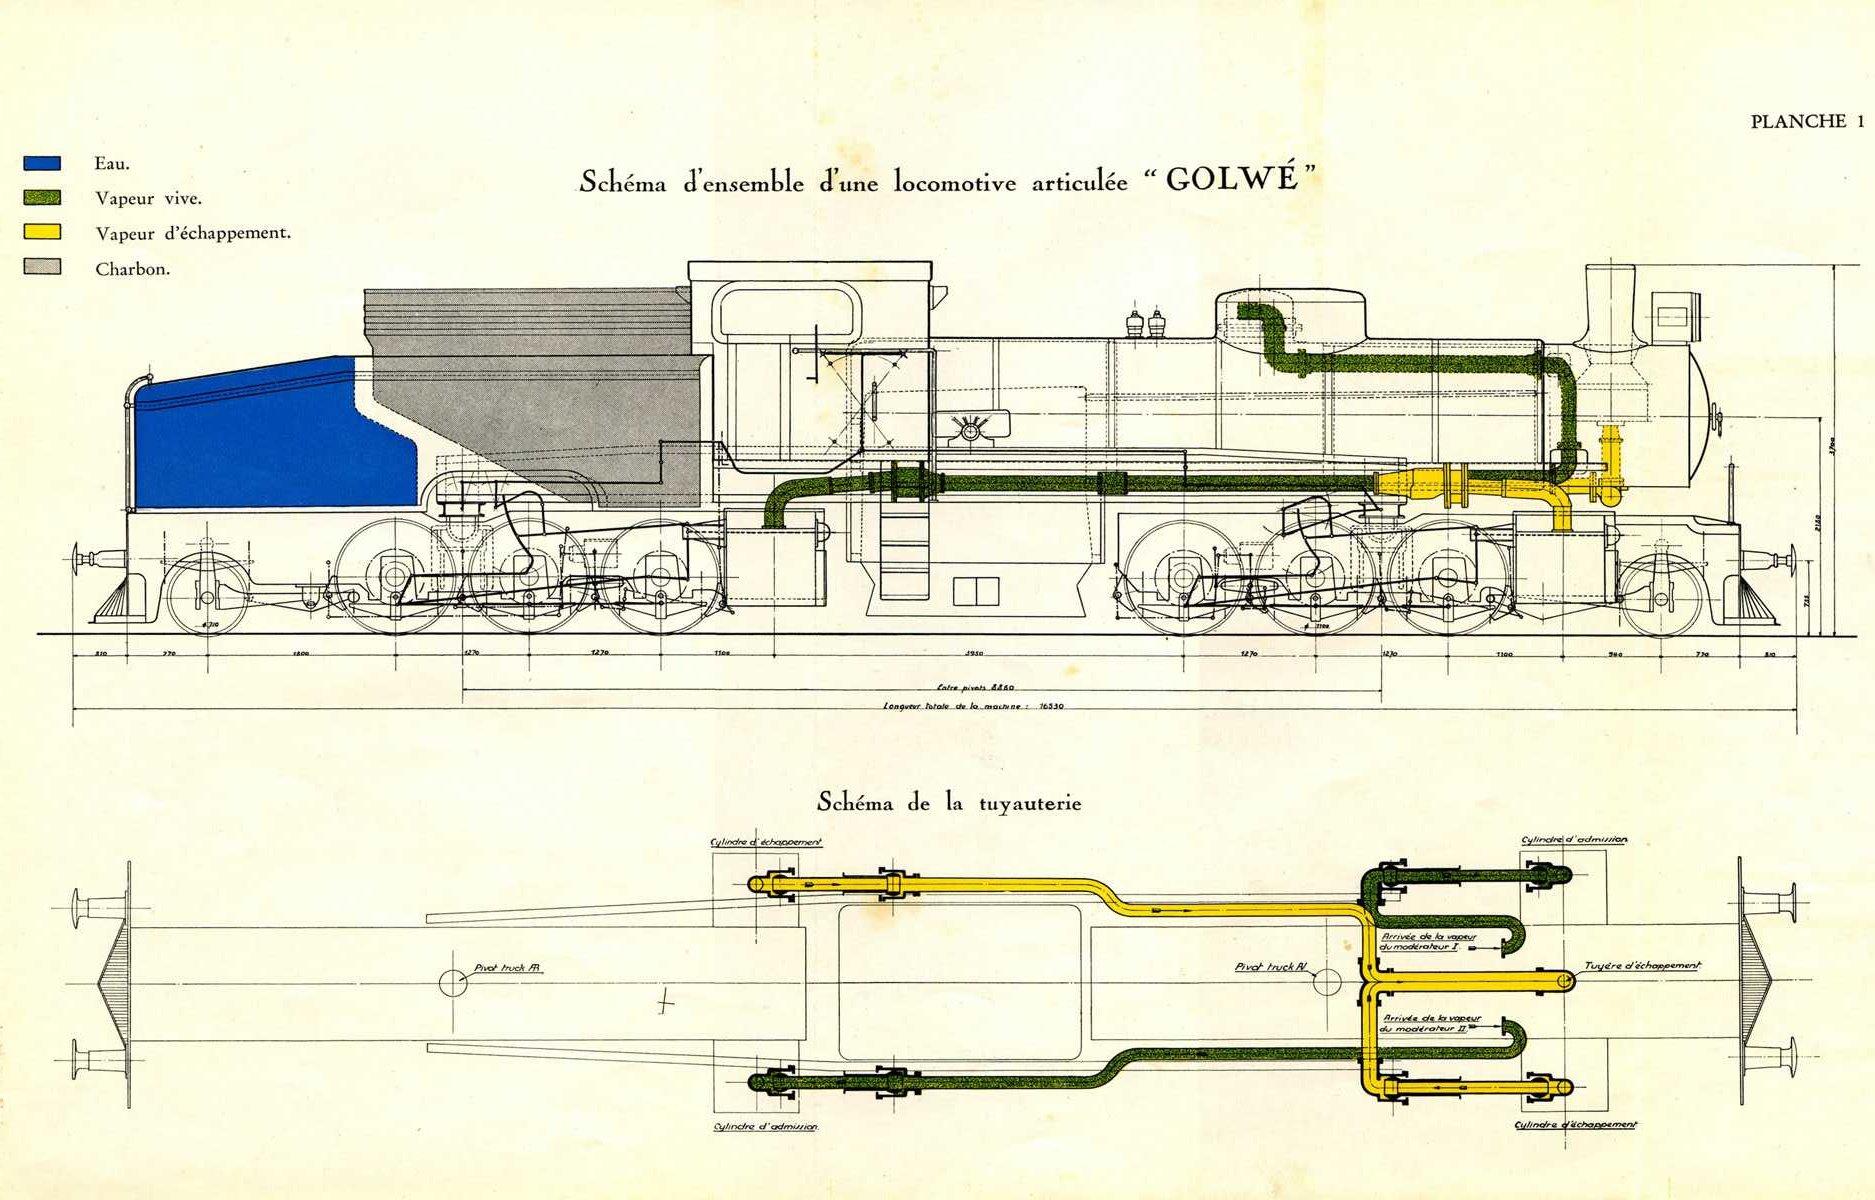 Planche-1.jpg